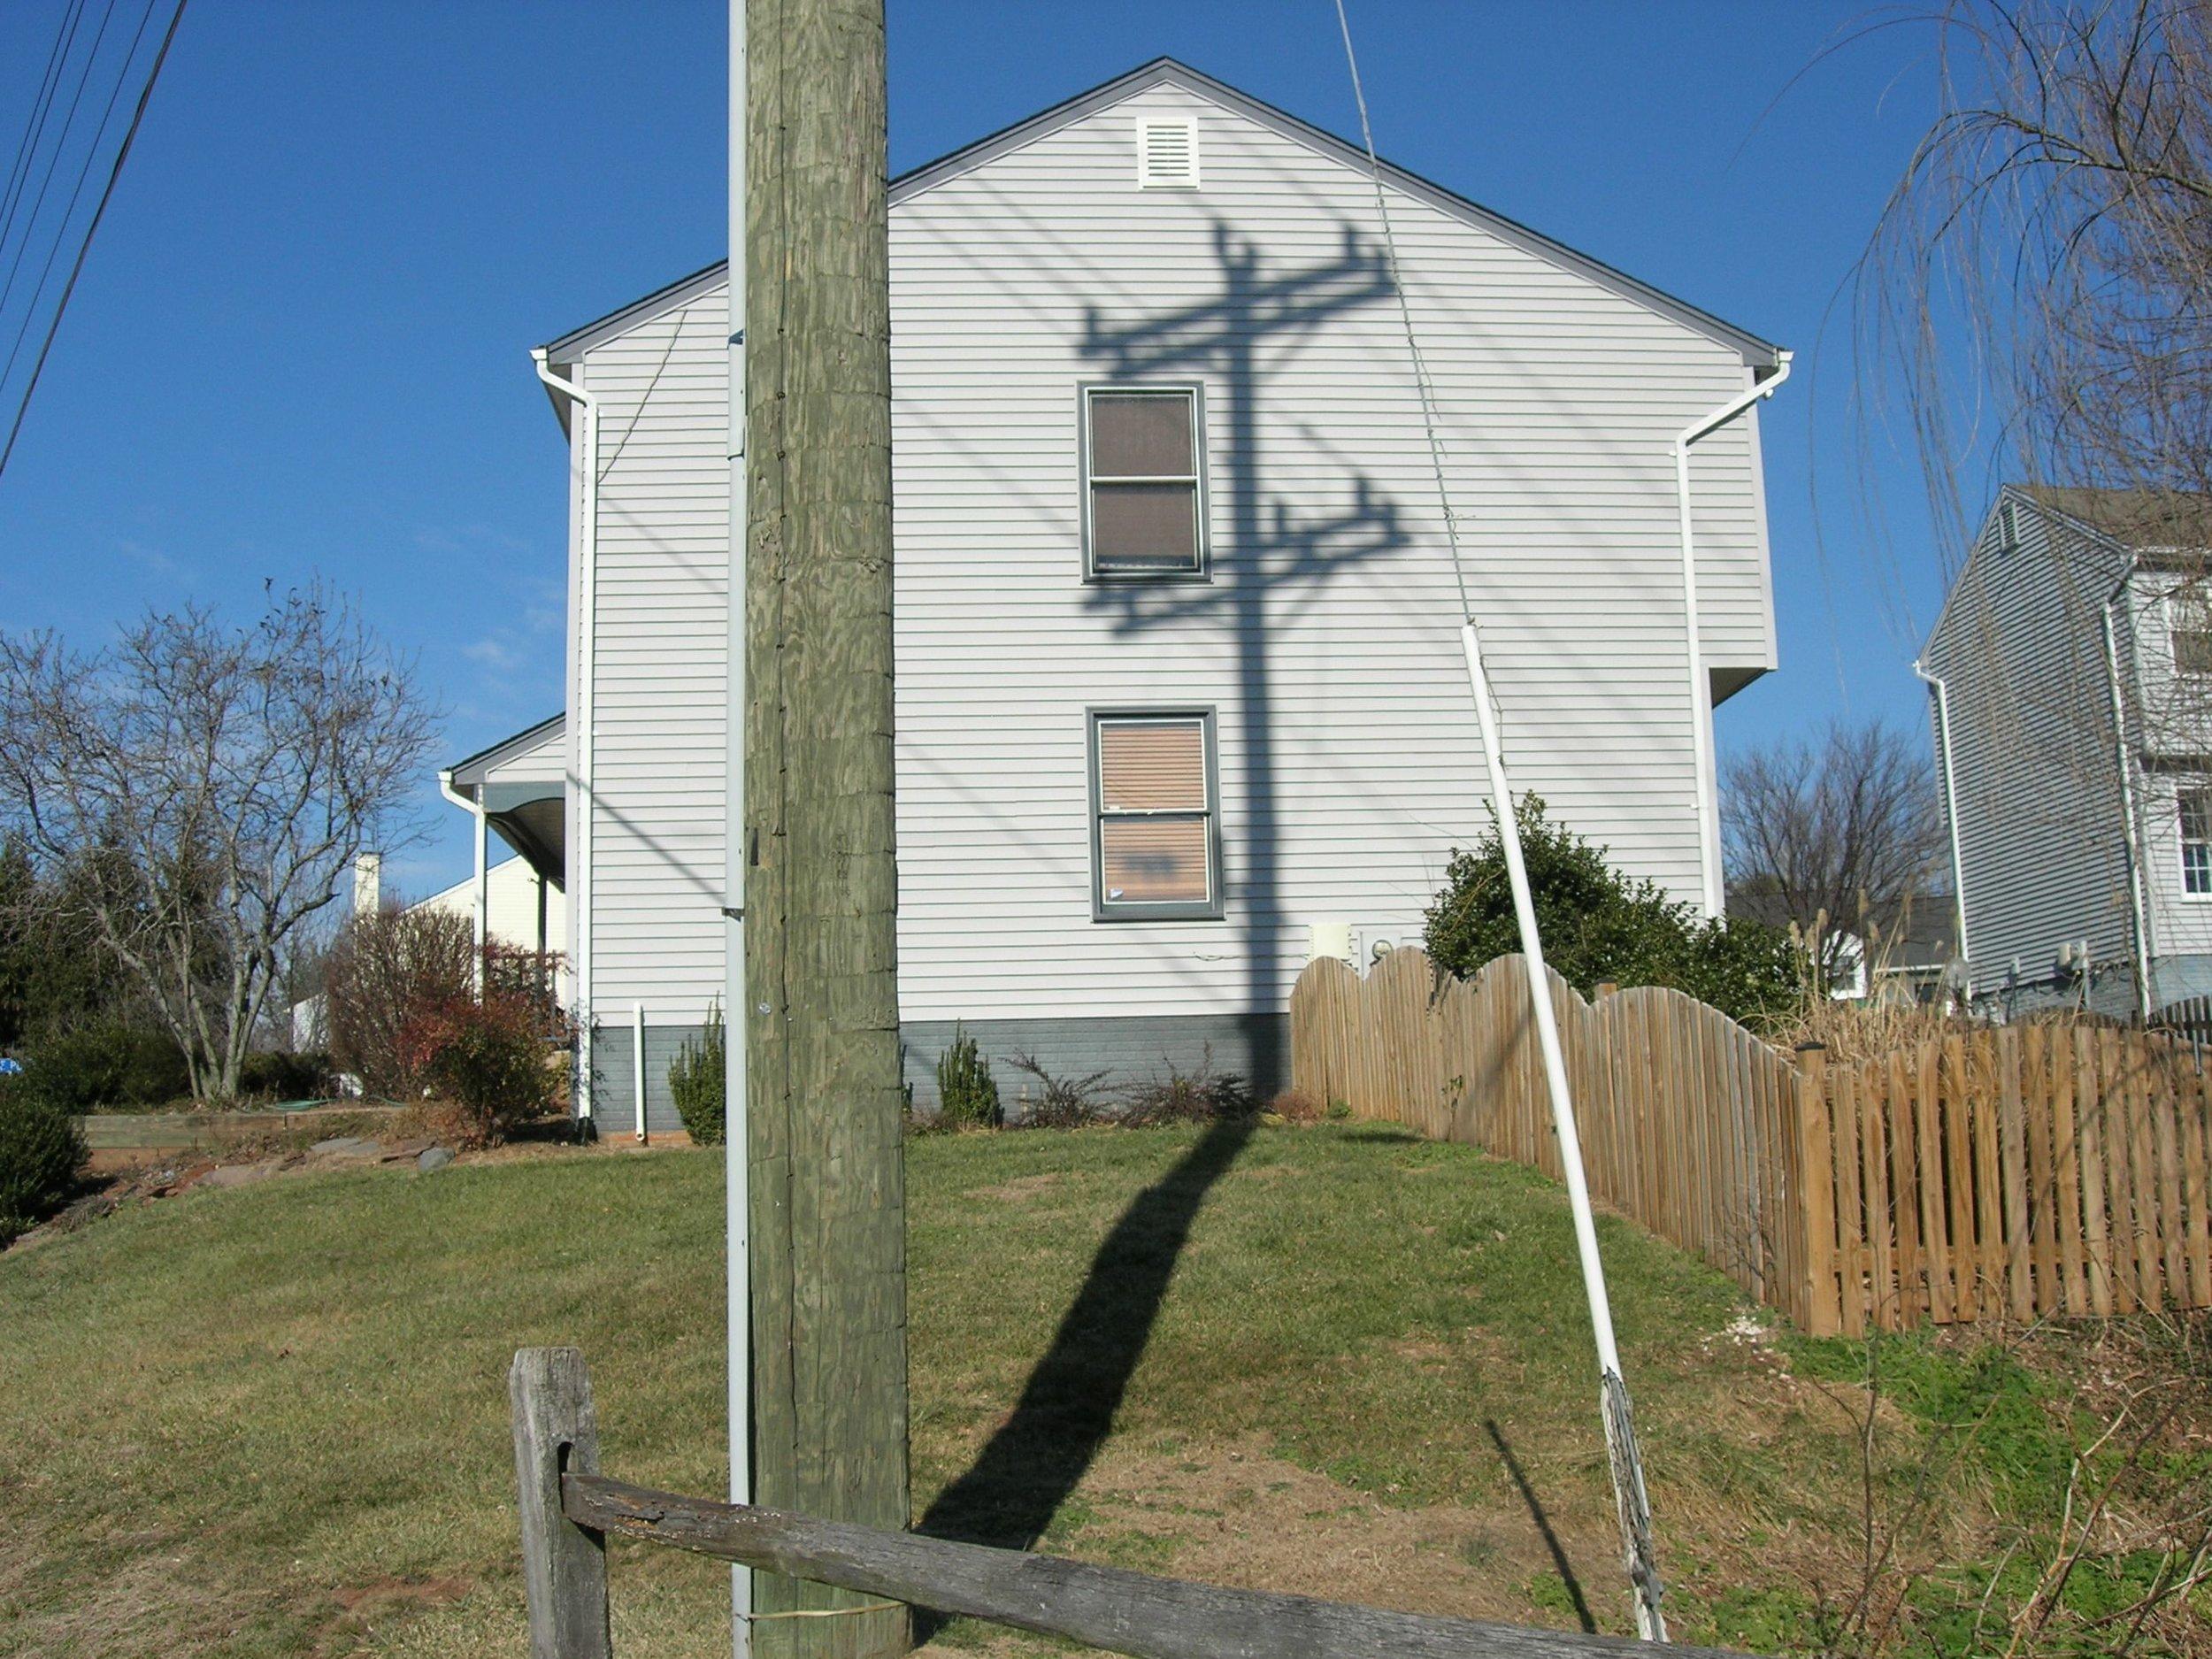 house pole shadow.jpg